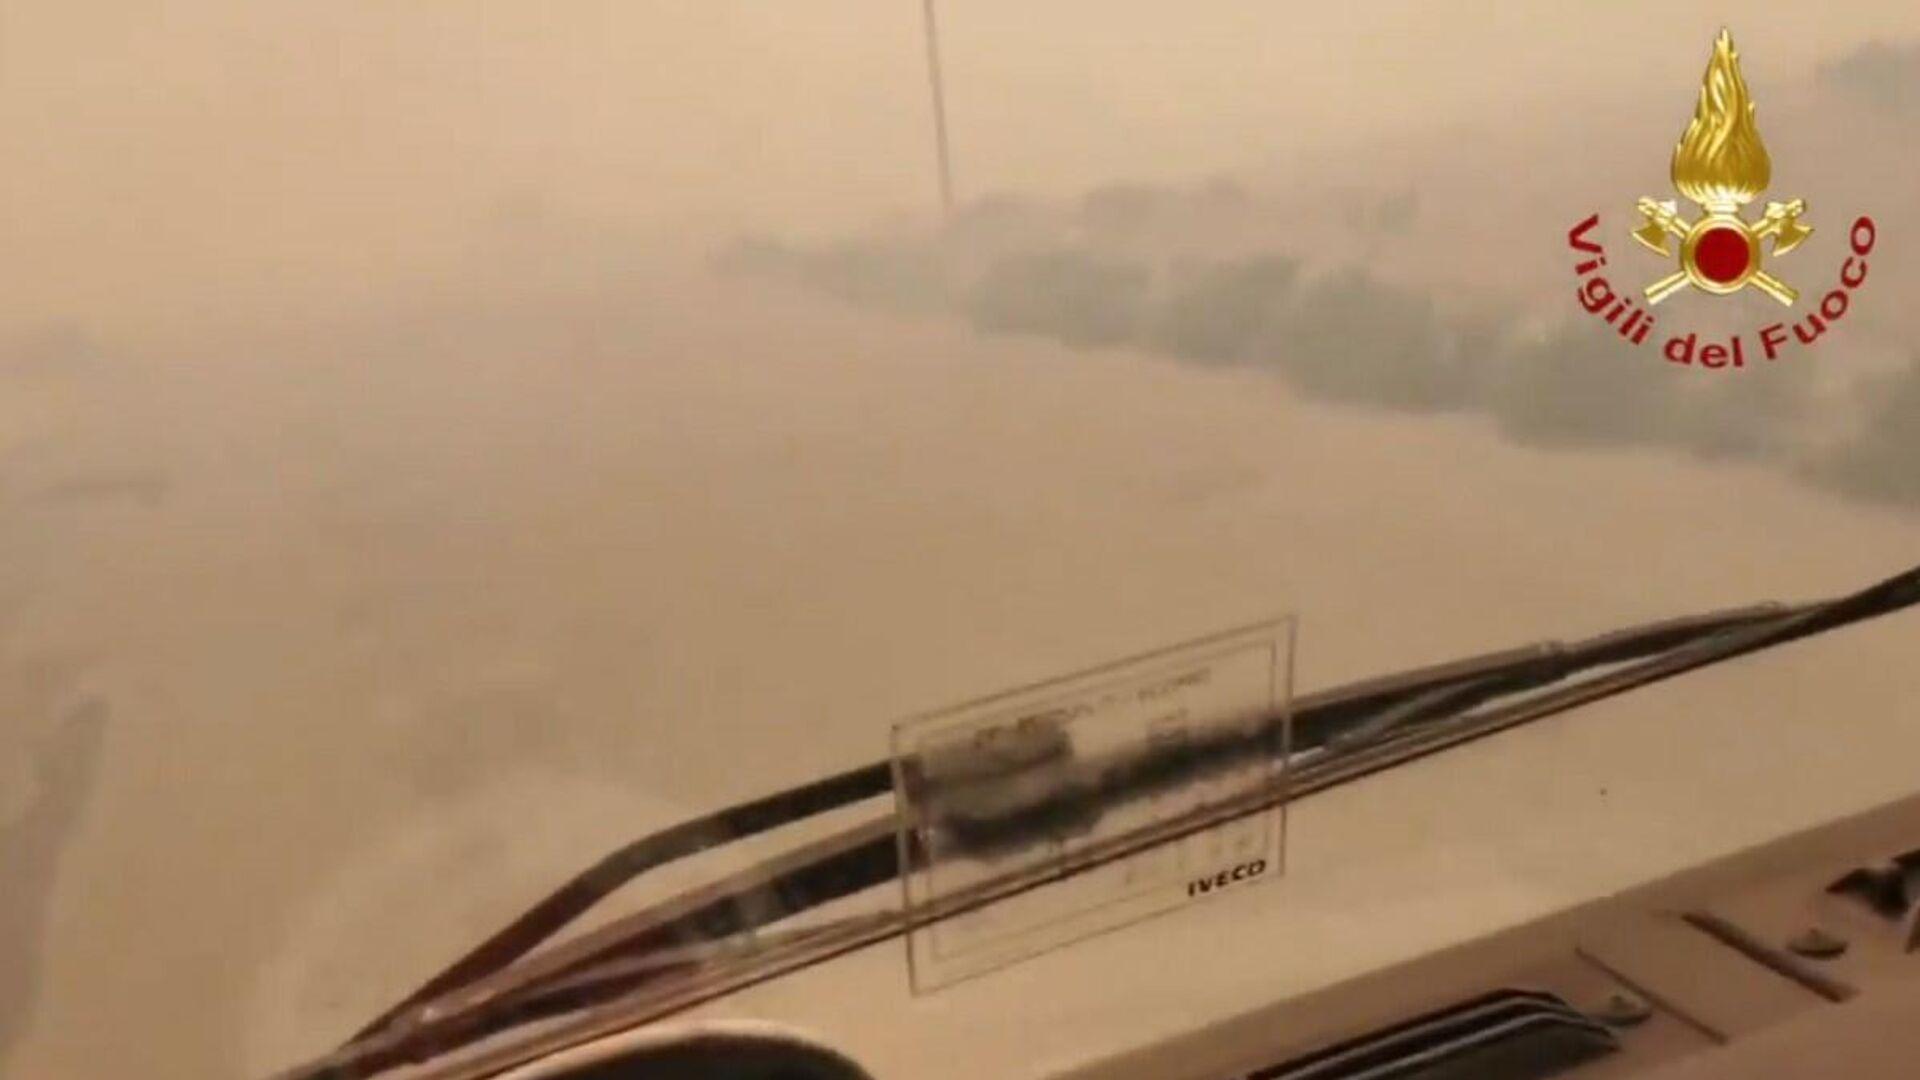 Sardegna, incendi nella provincia di Oristano: per governatore Solinas disastro senza precedenti - Sputnik Italia, 1920, 25.07.2021